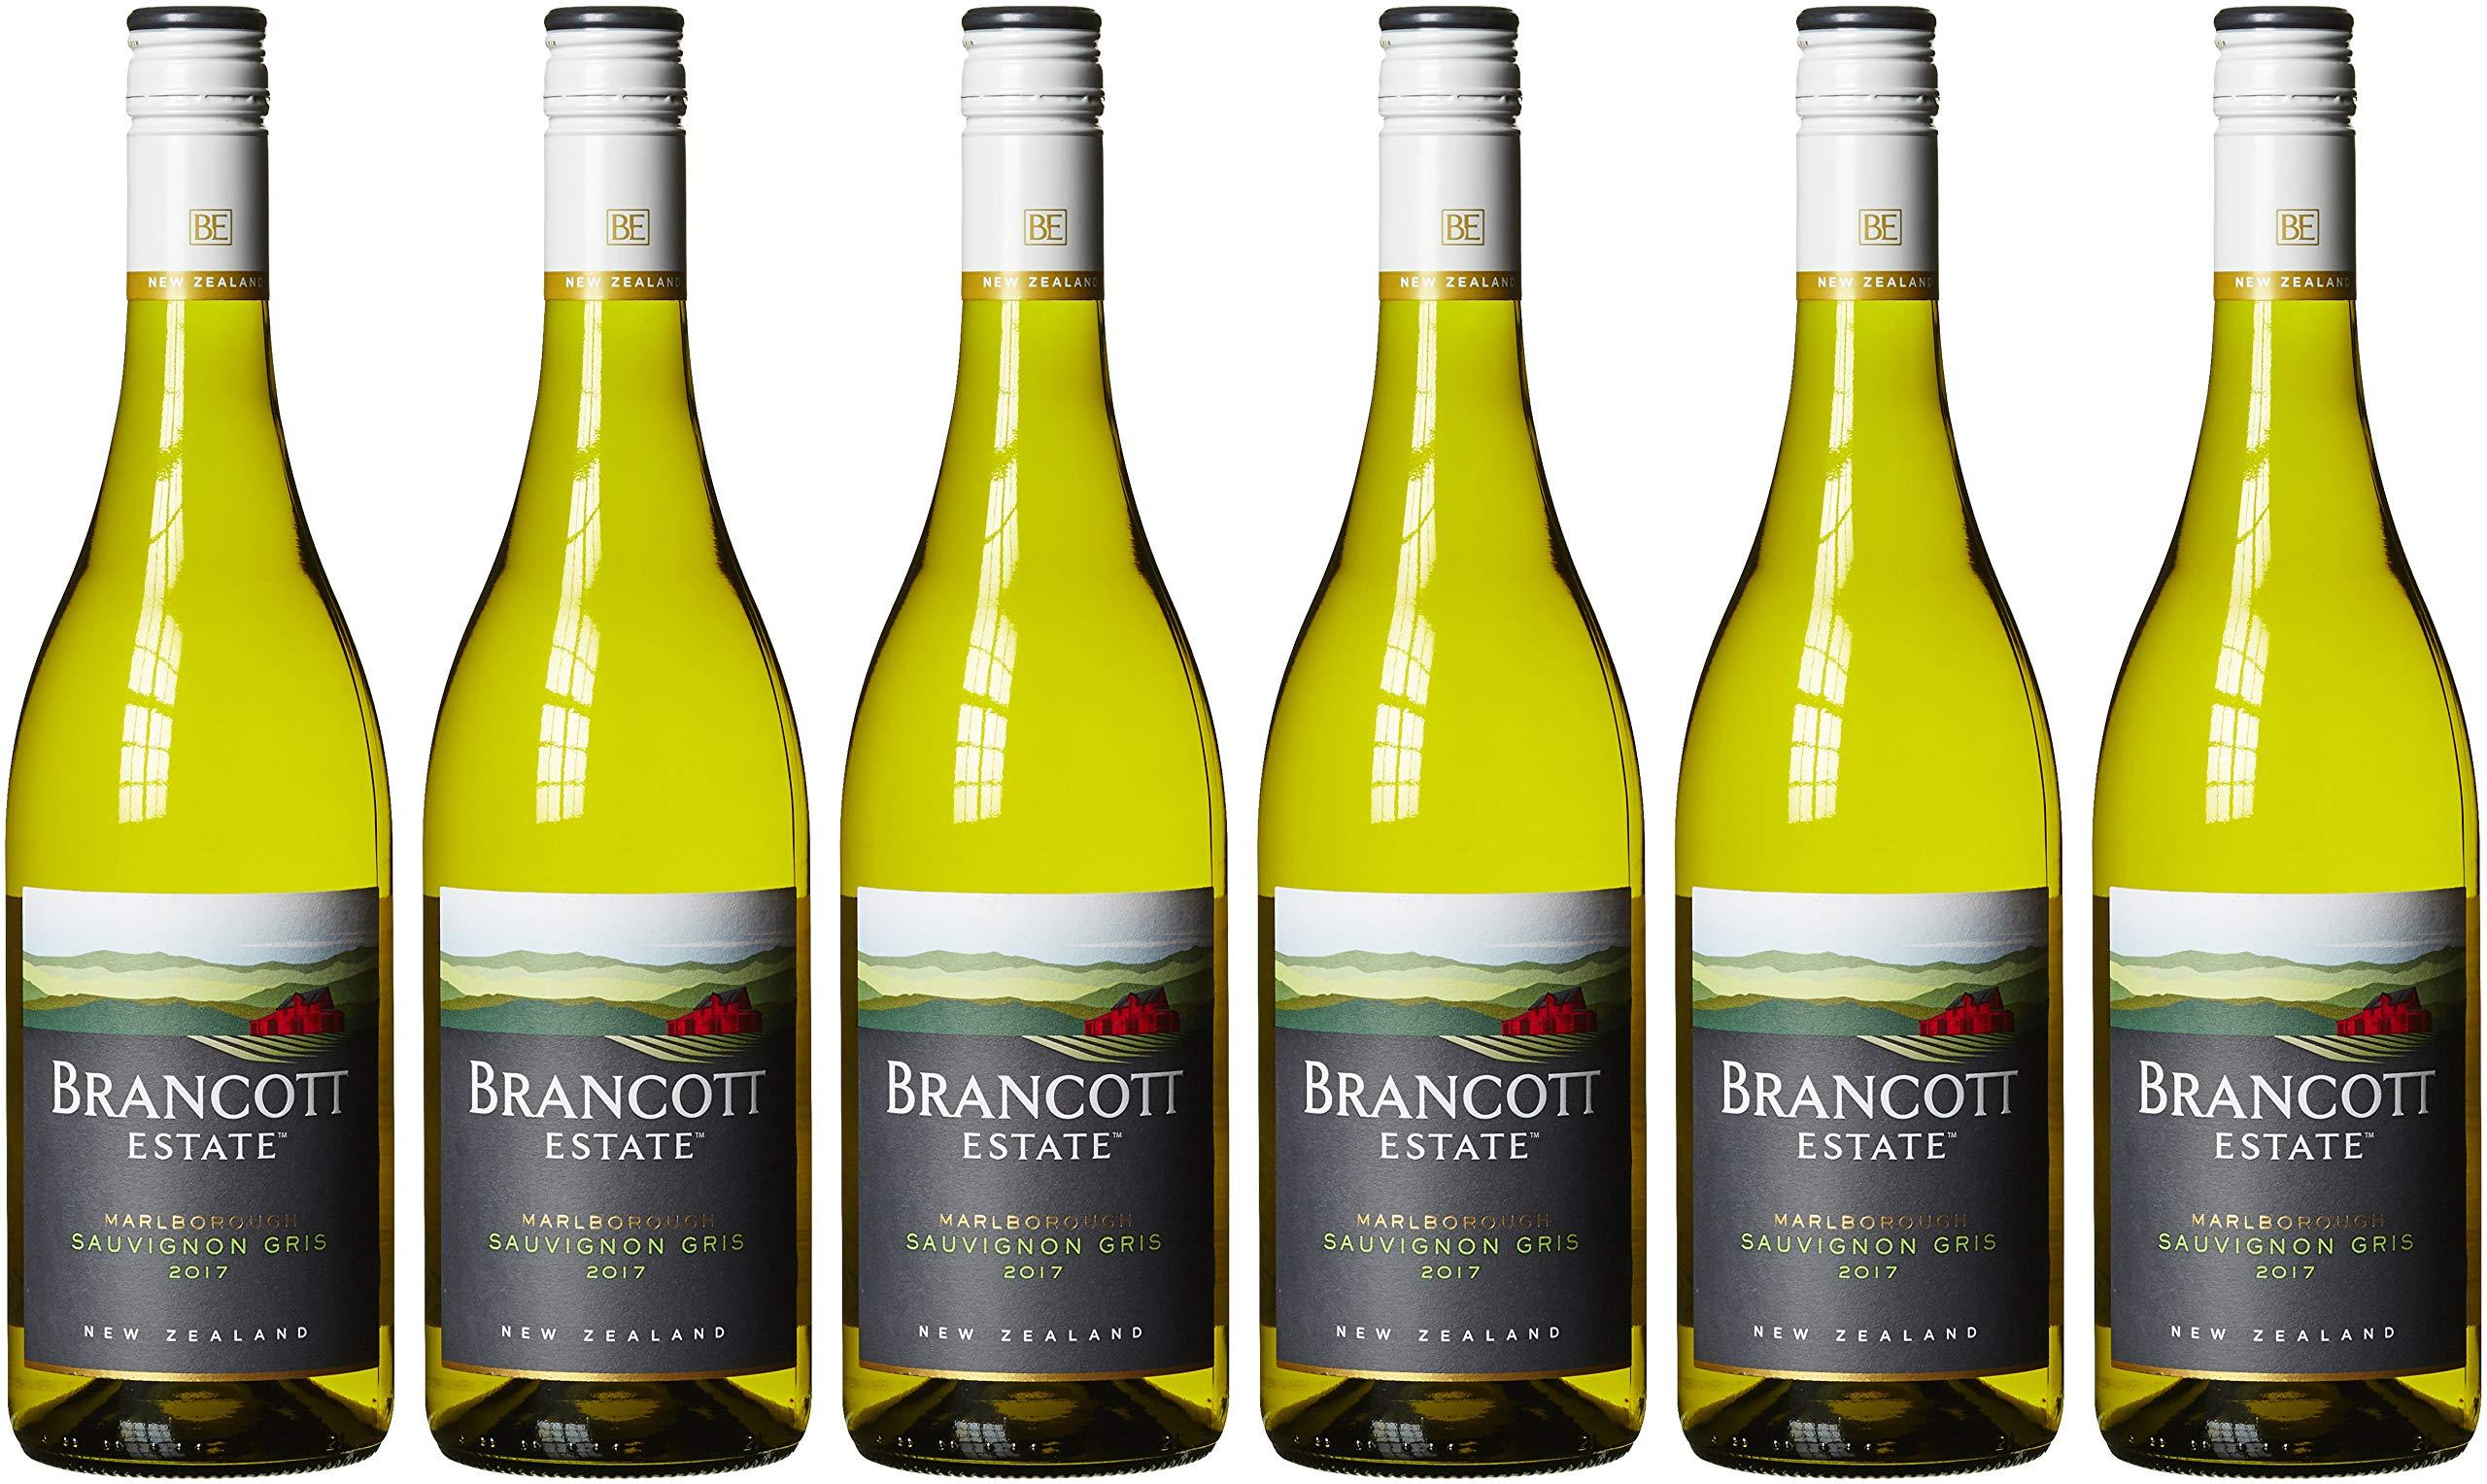 Brancott-Estate-Sauvignon-Gris-2017-trocken-6-x-075-l